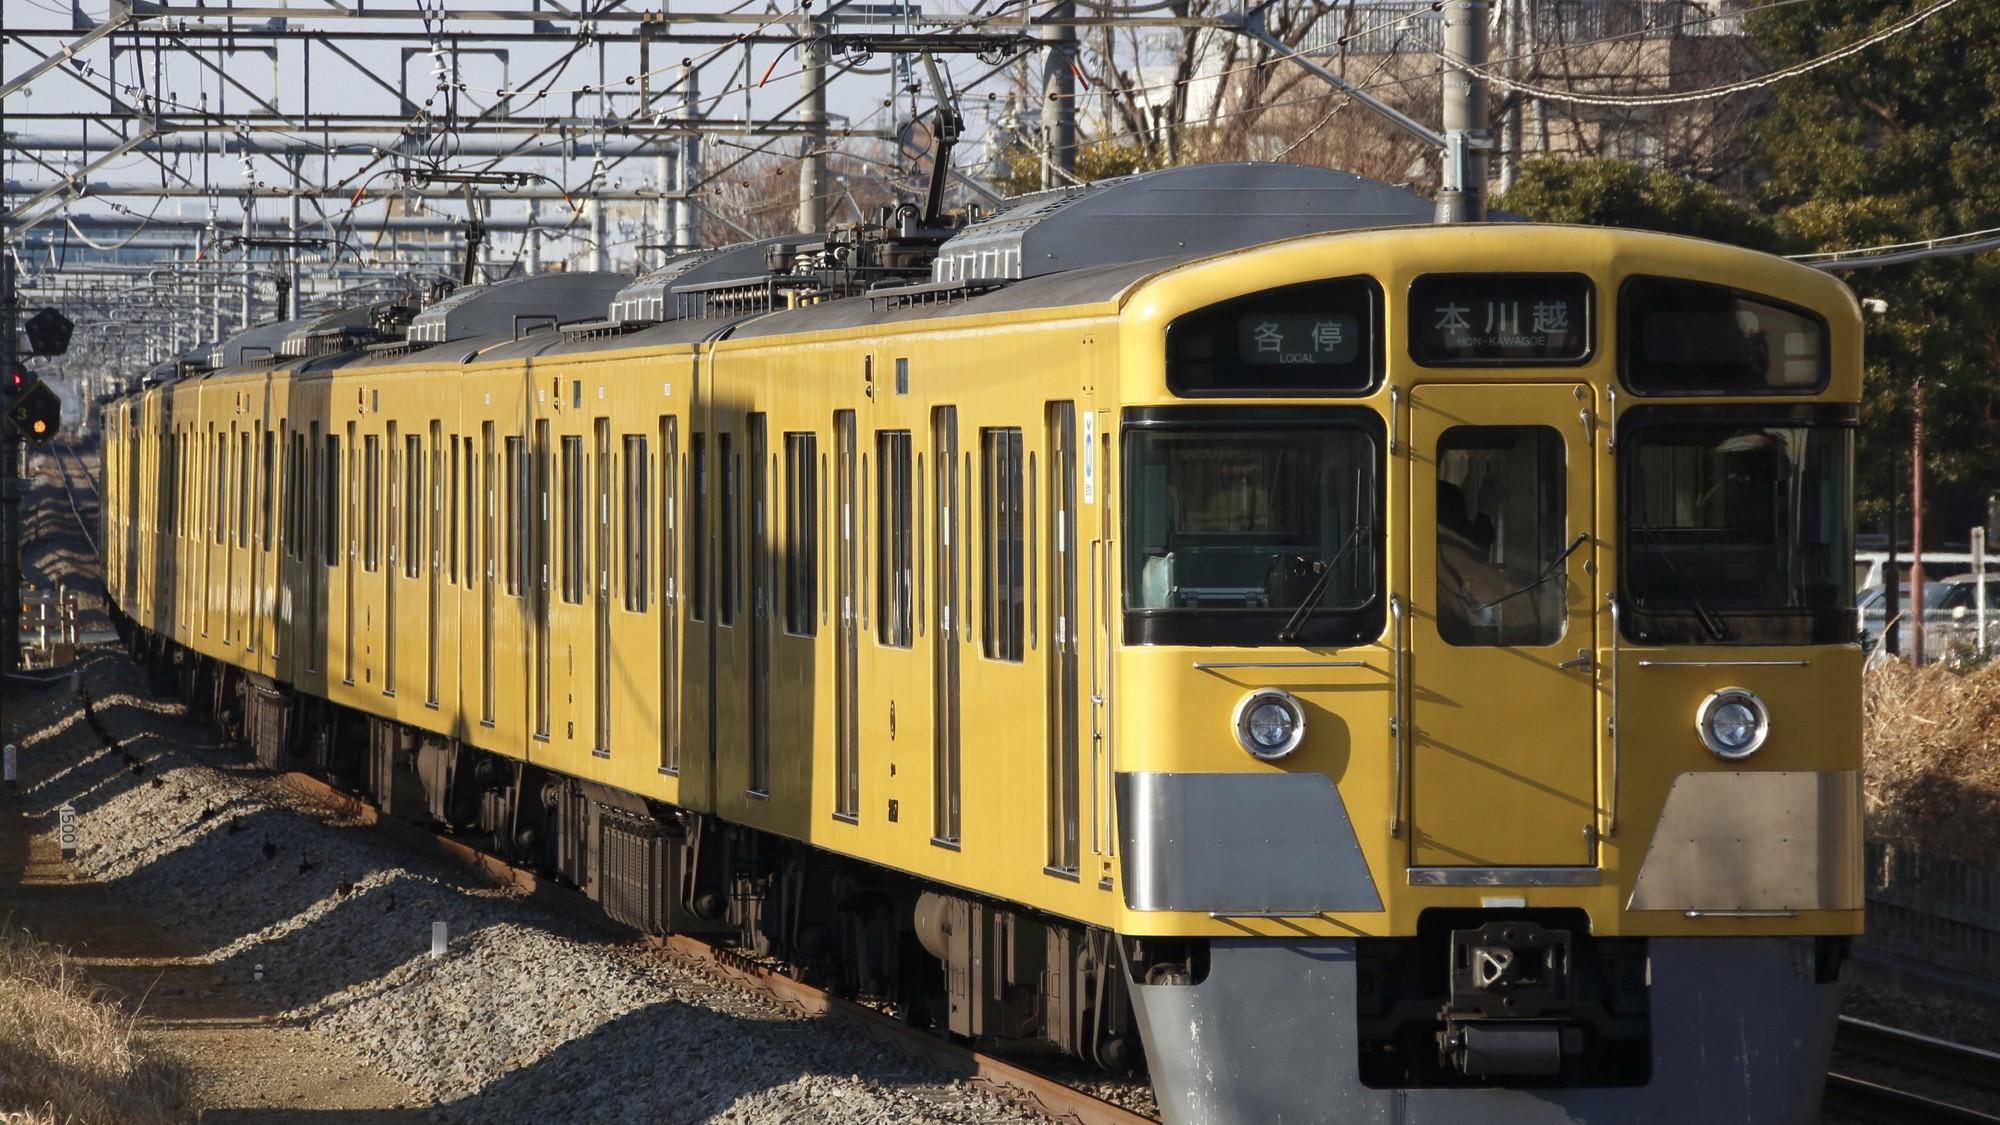 「西武新宿線・上井草」格差解消で有力な投資エリアになる?